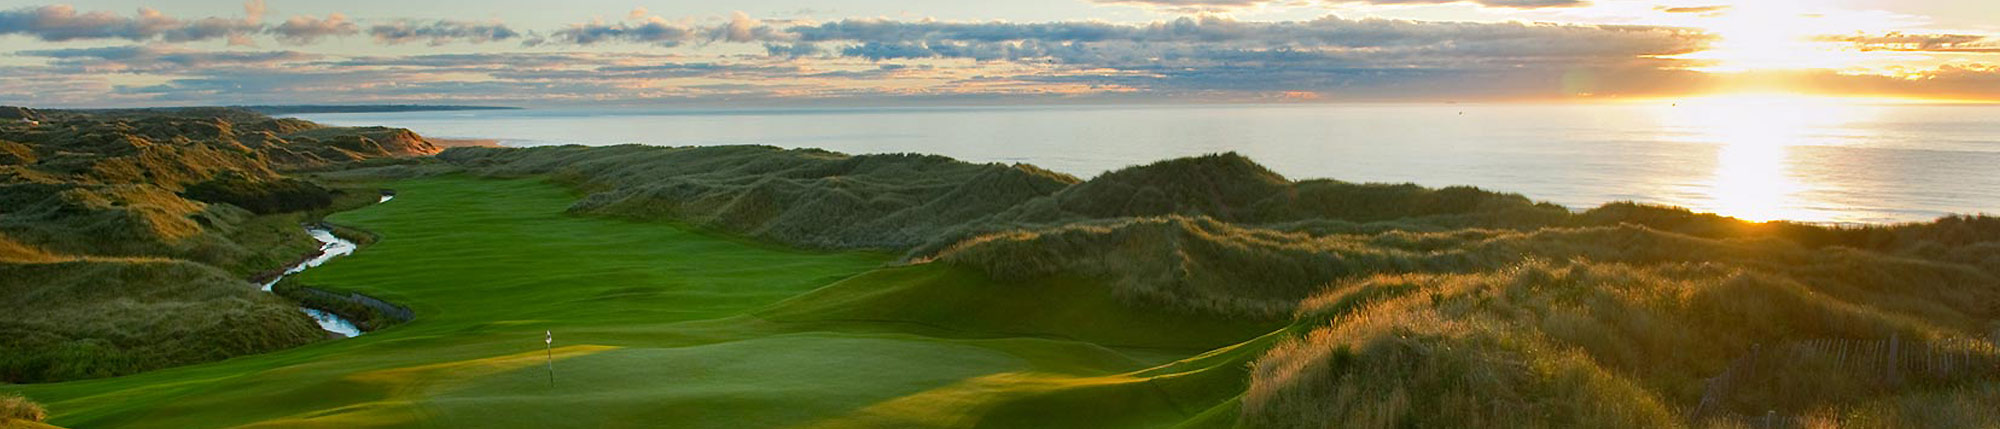 lynebain-golf-secc-secure2